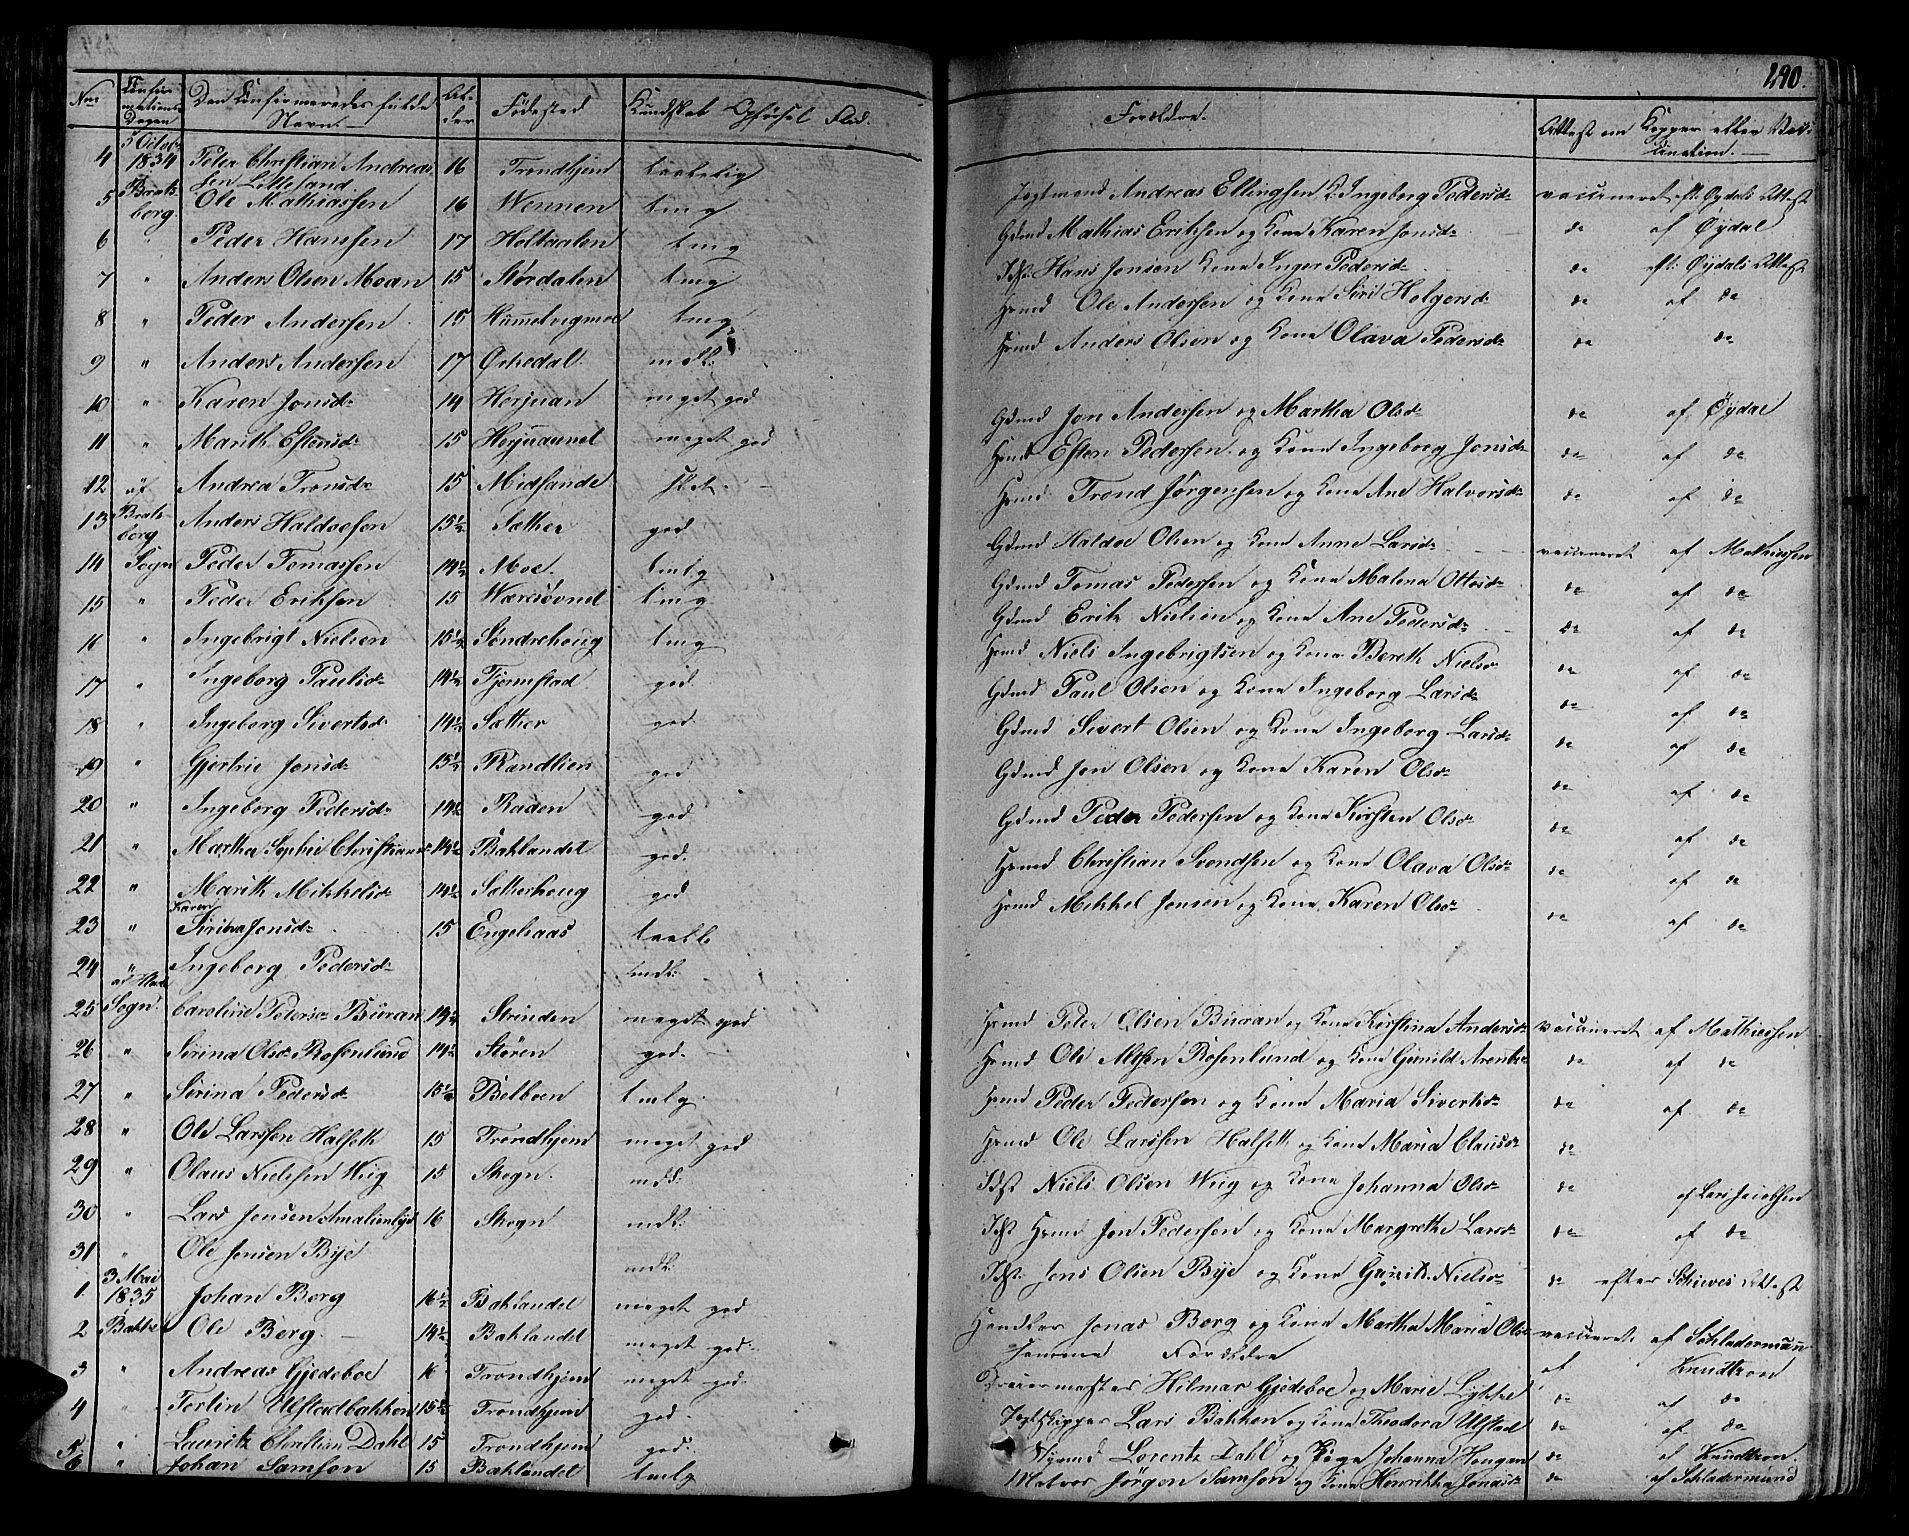 SAT, Ministerialprotokoller, klokkerbøker og fødselsregistre - Sør-Trøndelag, 606/L0286: Ministerialbok nr. 606A04 /1, 1823-1840, s. 290